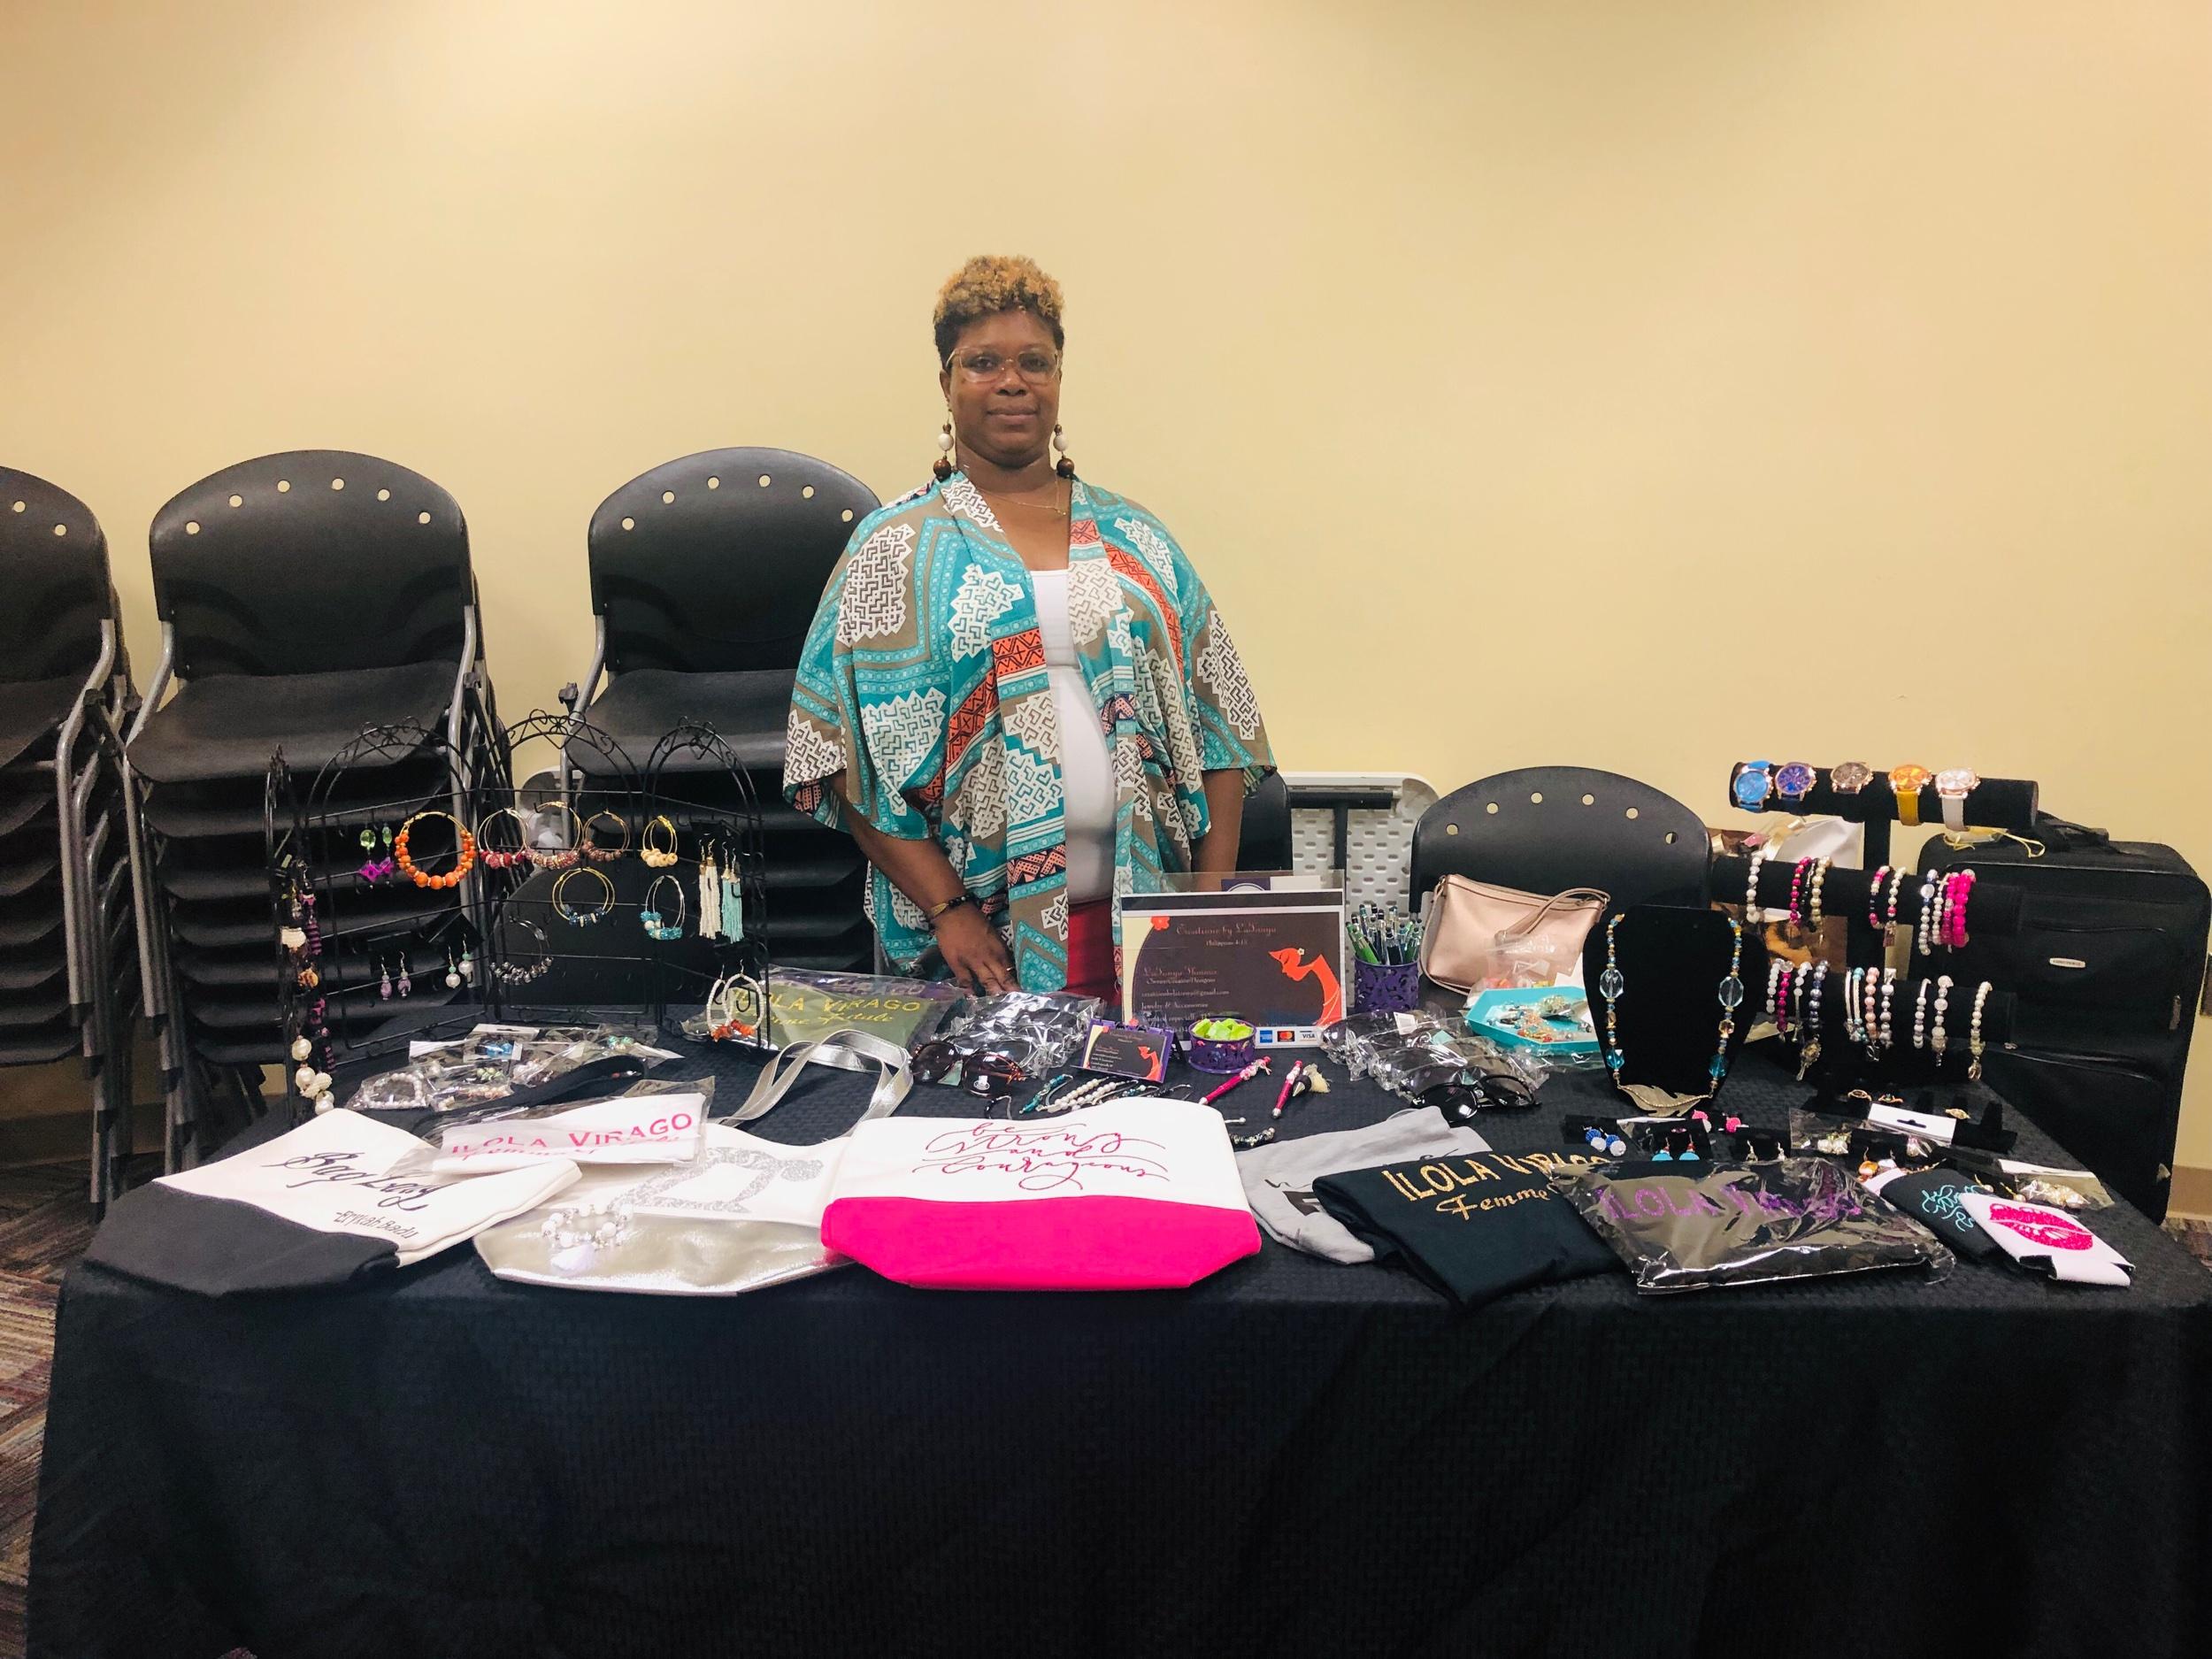 - Here's @creationsbylatonya with her custom/hand made jewelry!